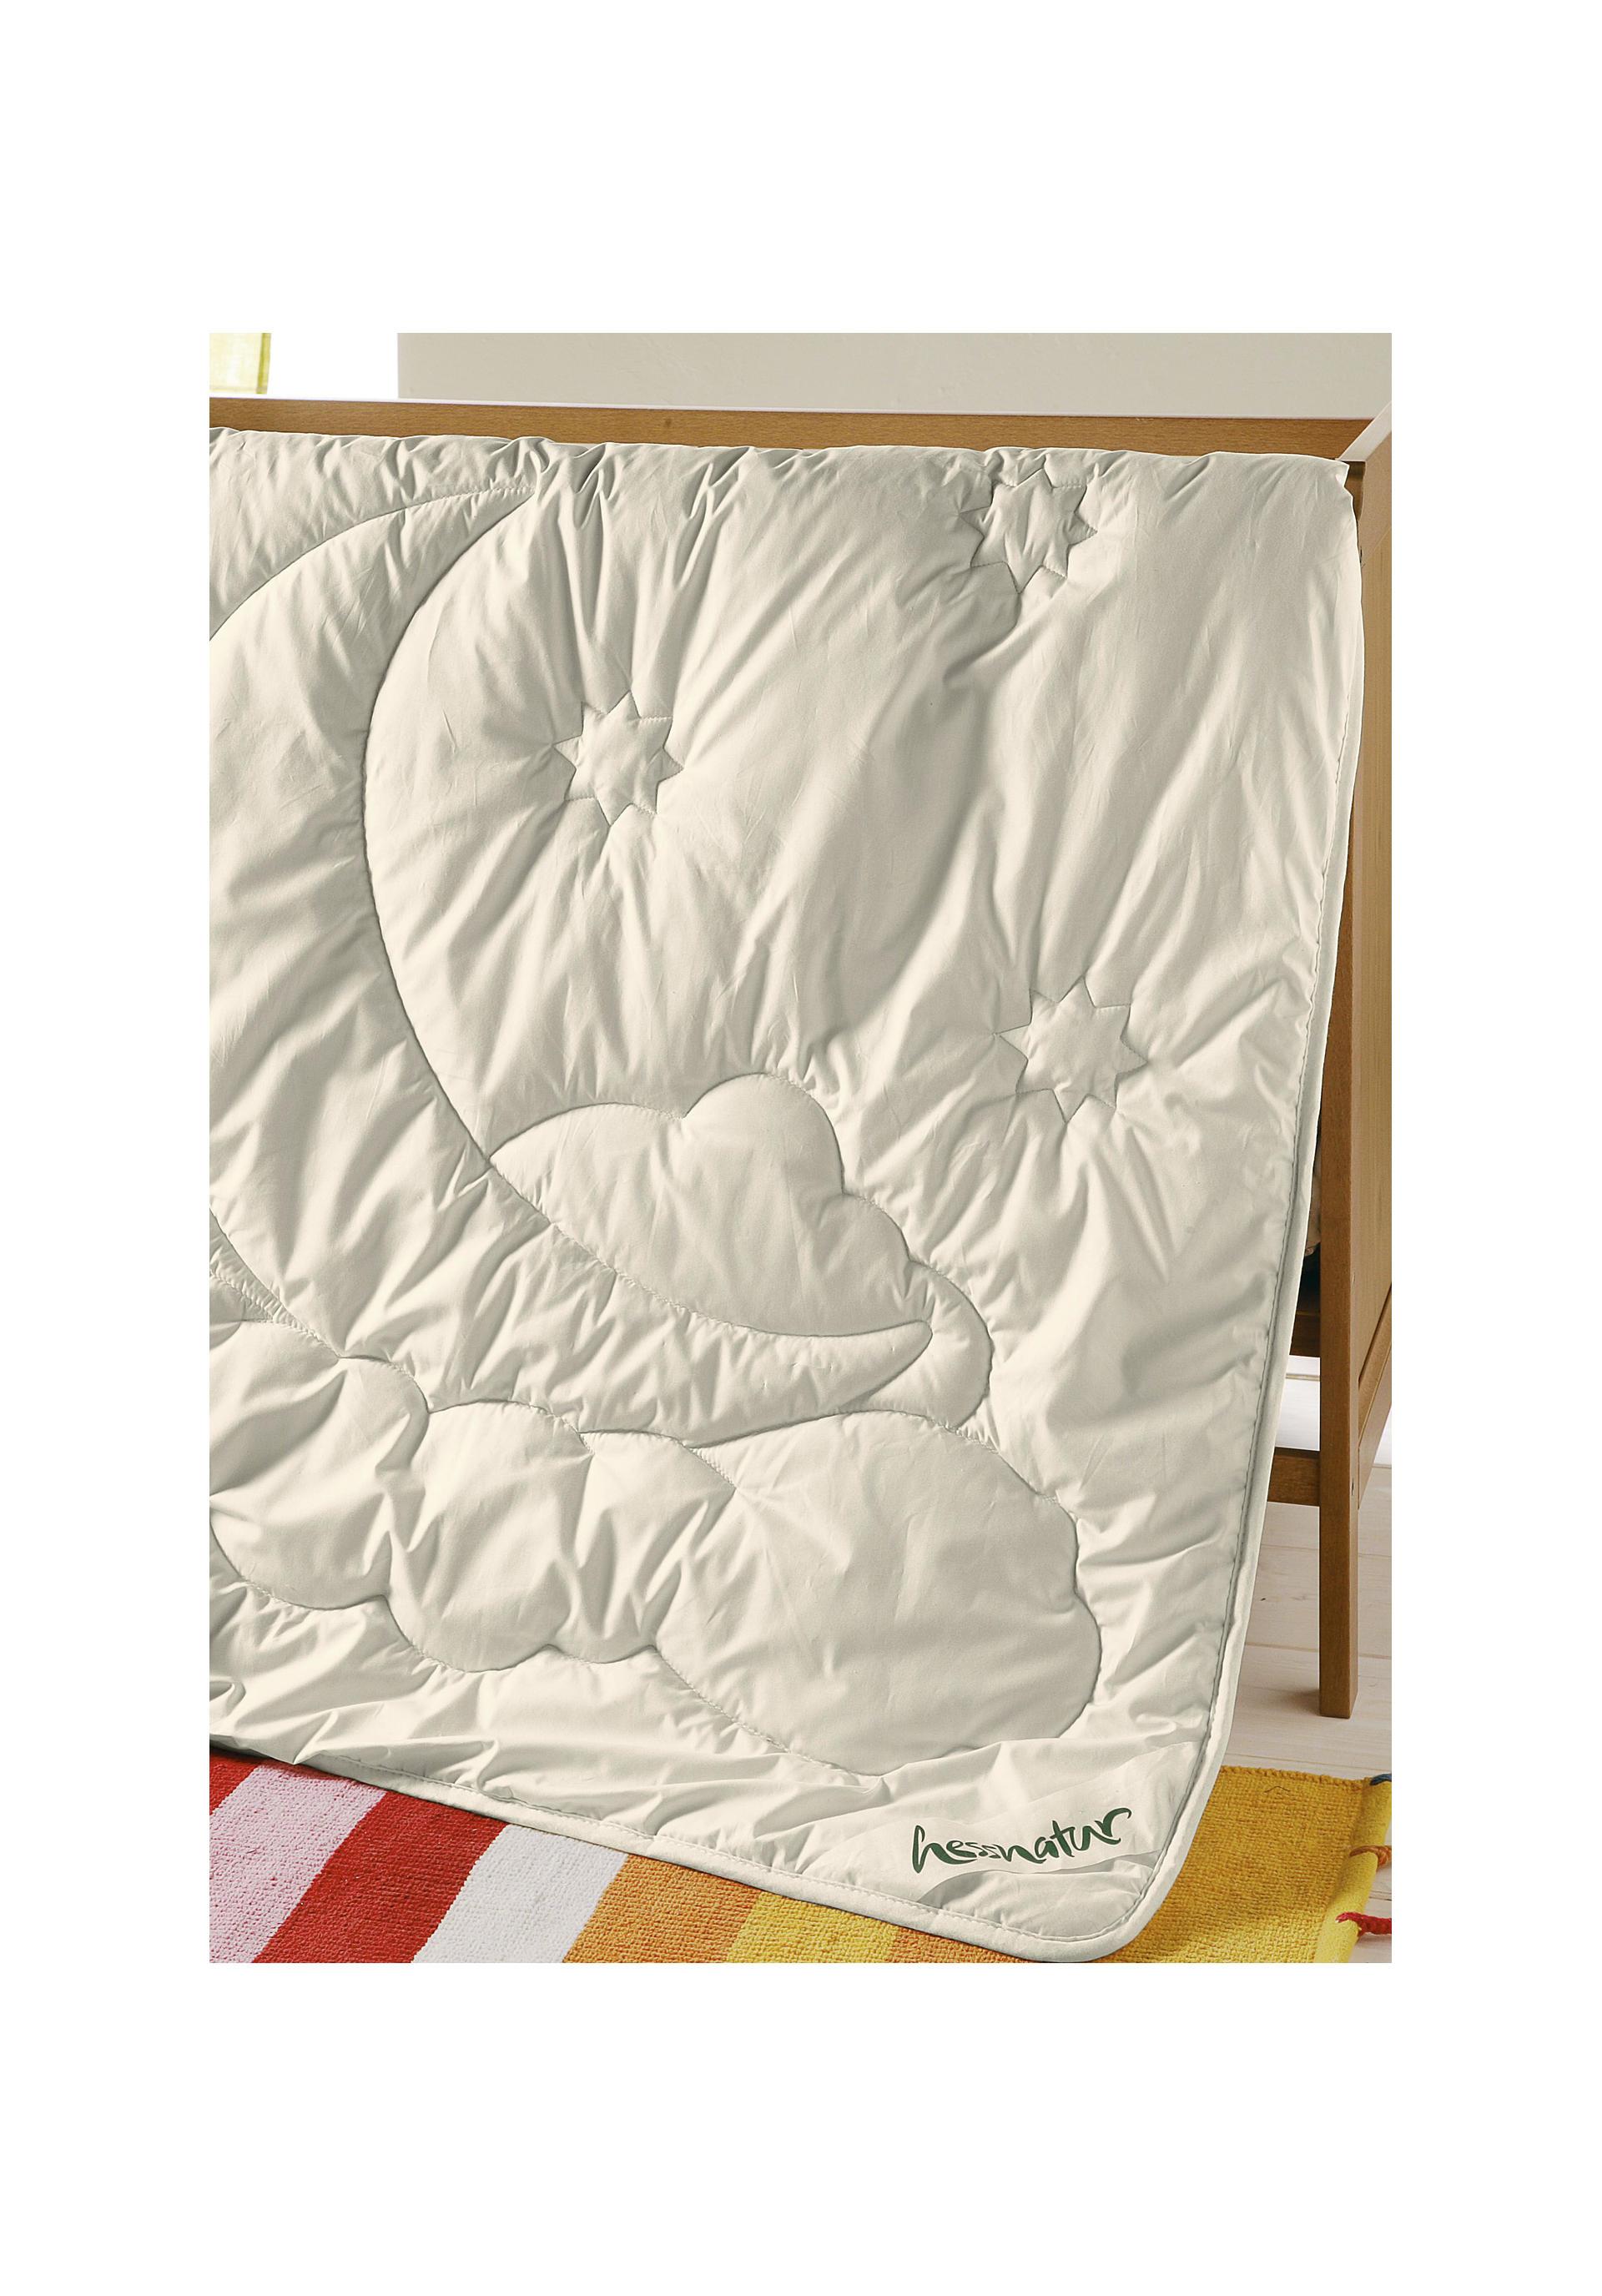 bettdecken kinder bio midler white bette gunstig kinder betty biobetter kind grable. Black Bedroom Furniture Sets. Home Design Ideas